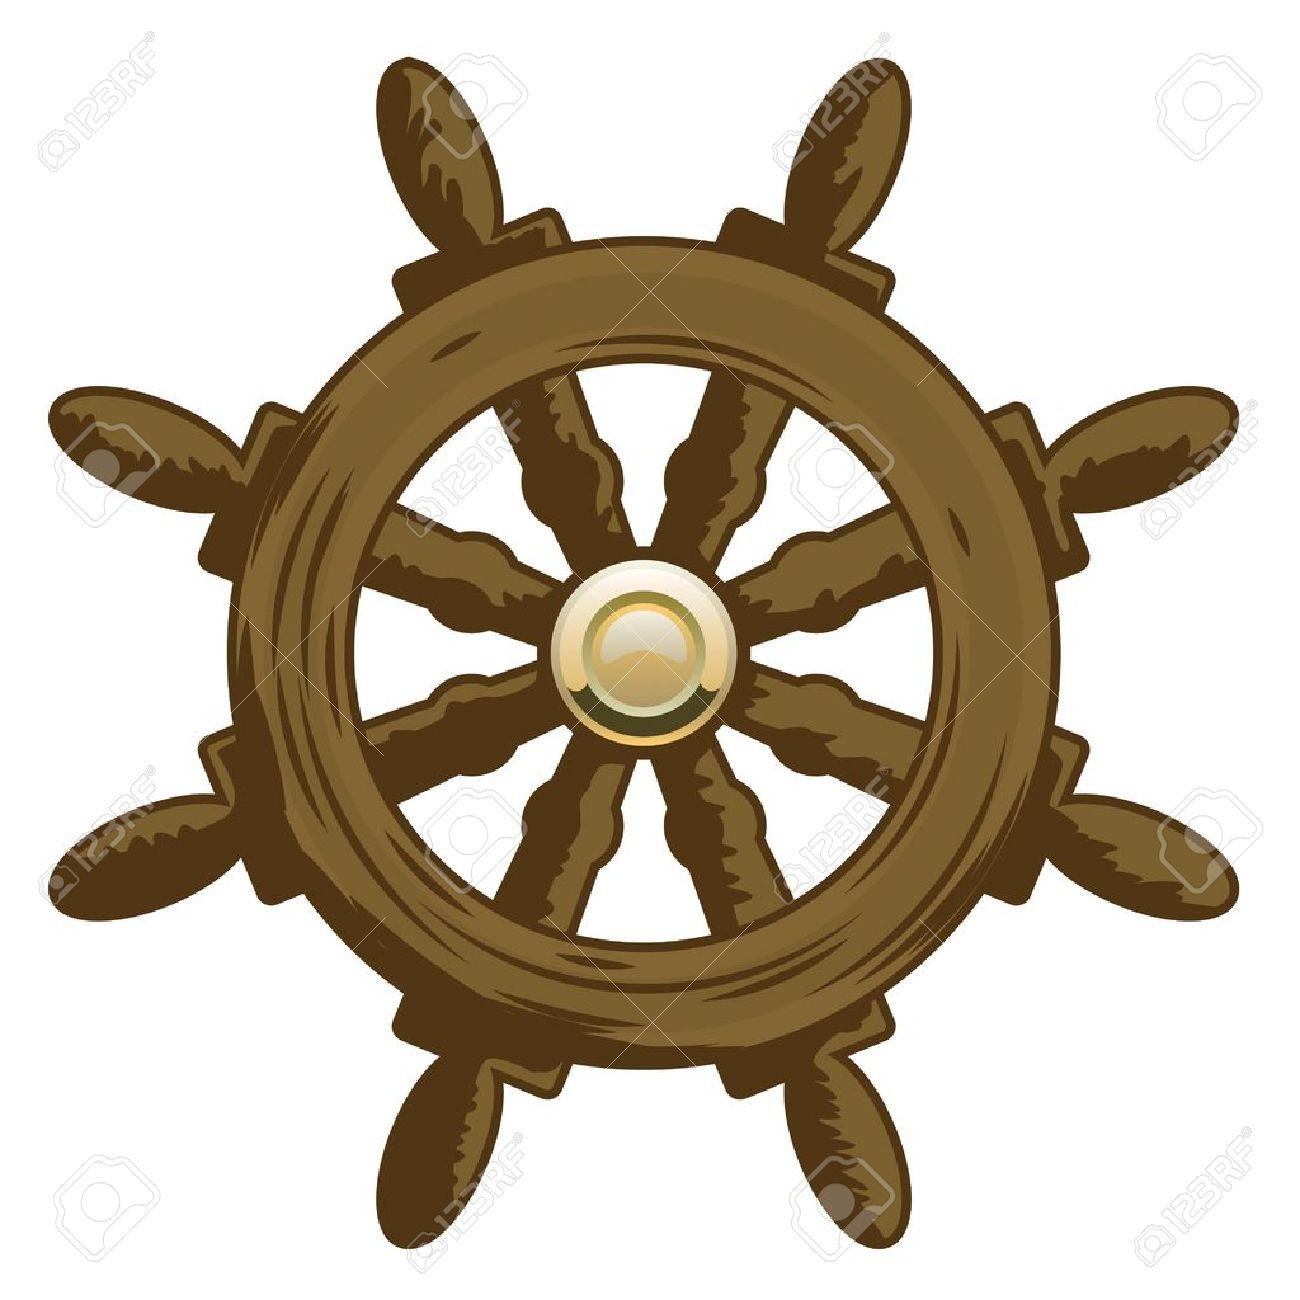 Ship Wheel Clipart.